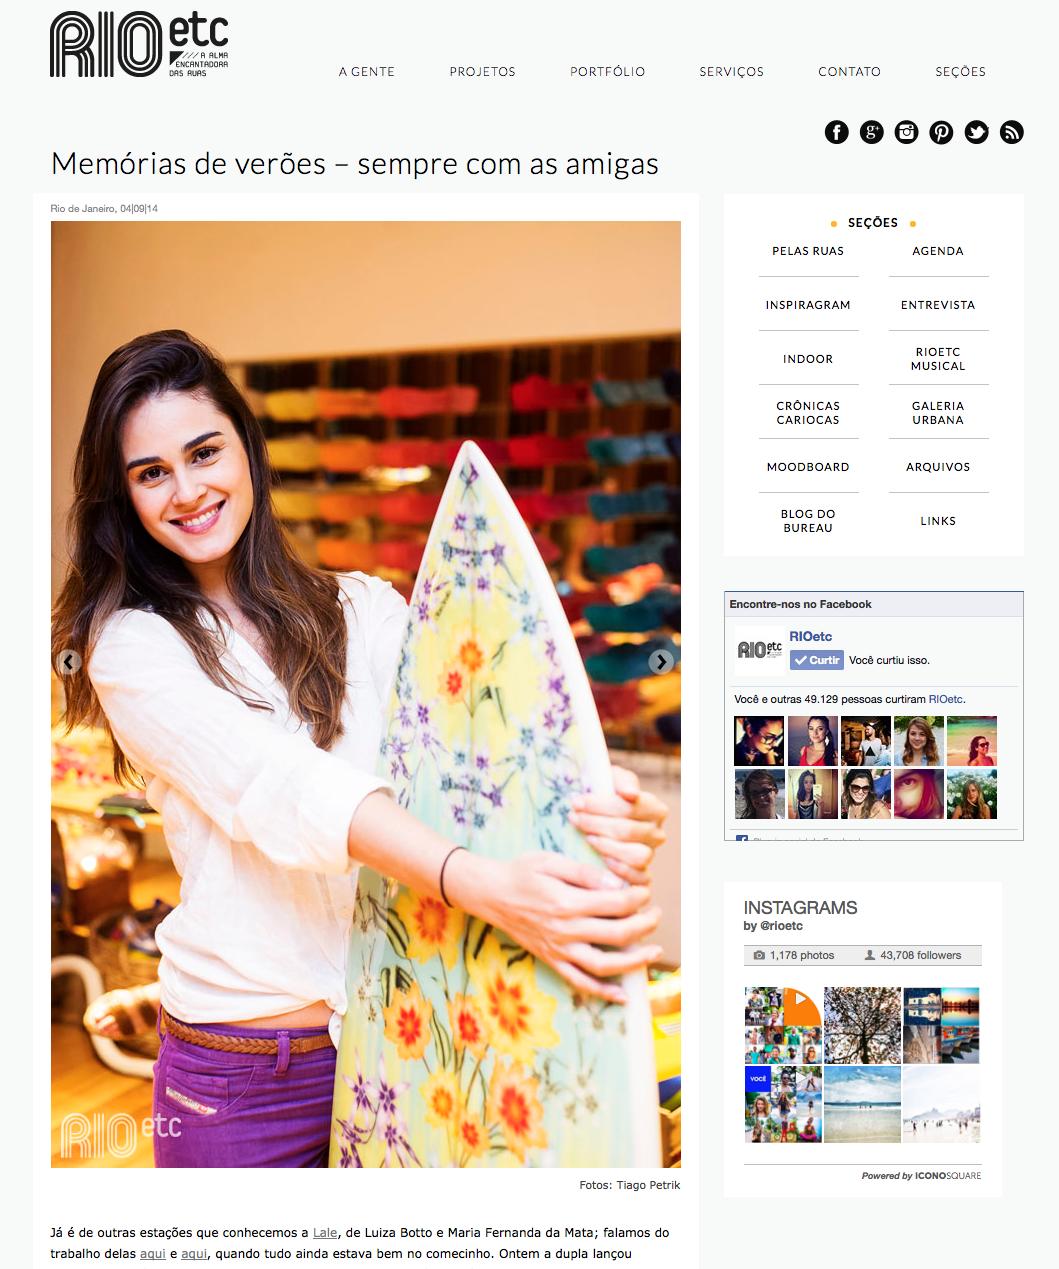 Lançamento de coleçao da marca Lale com prancha Clau Cicala p/ decorar :D